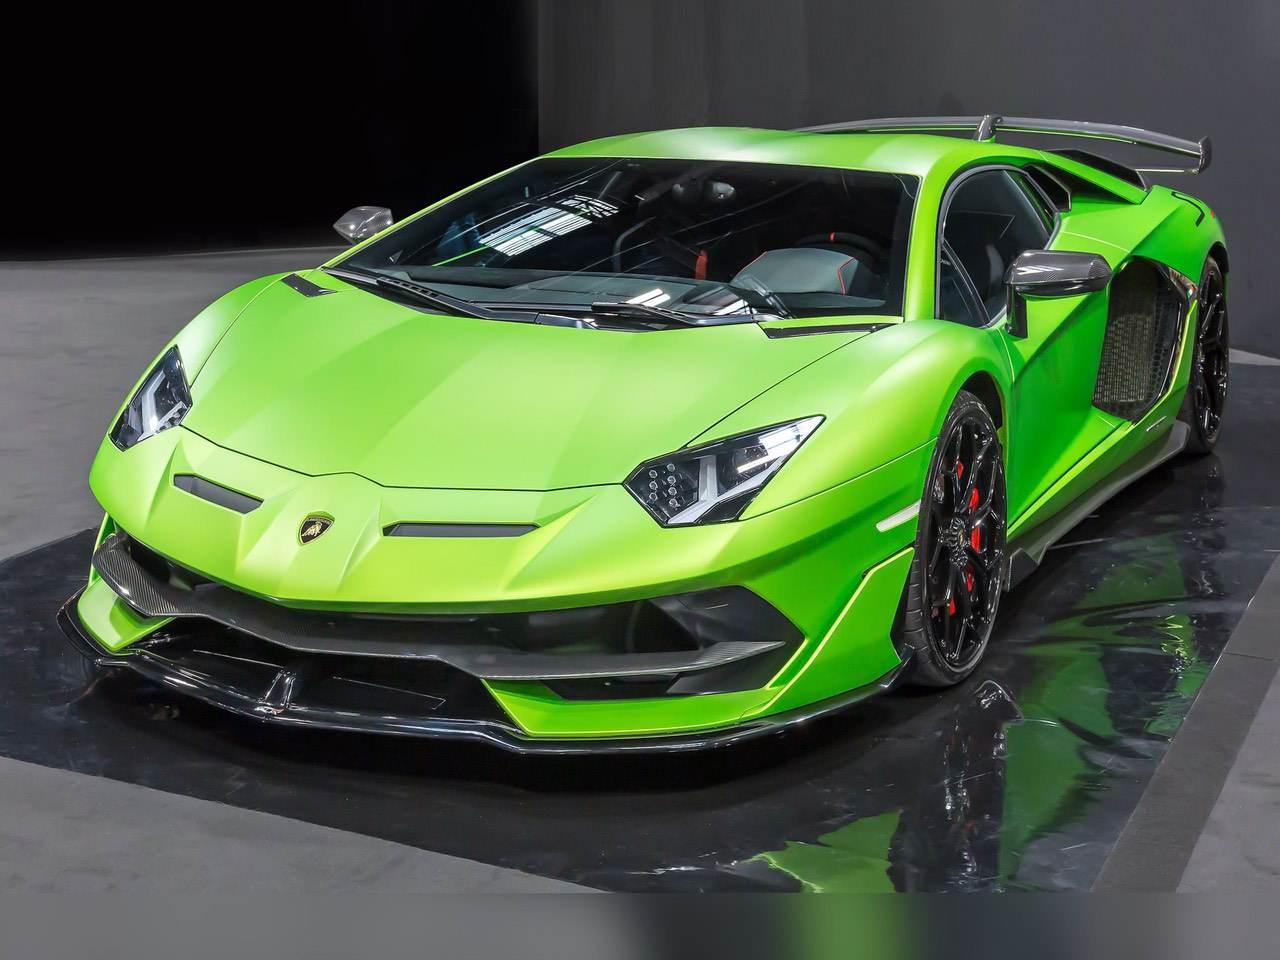 Lamborghini-Aventador-SVJ-1